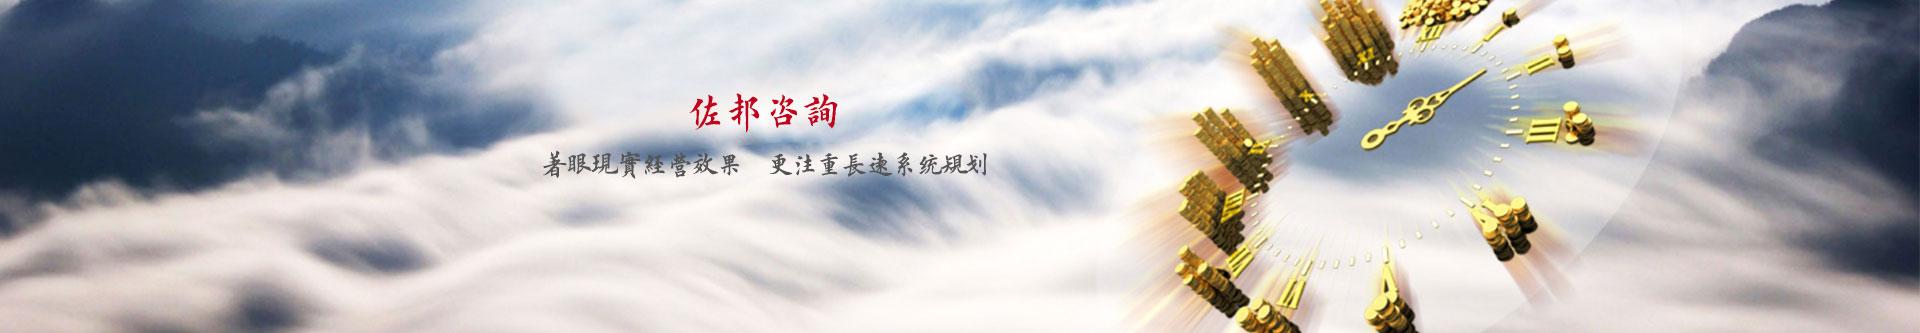 武汉火狐体育比赛管理火狐直播手机版